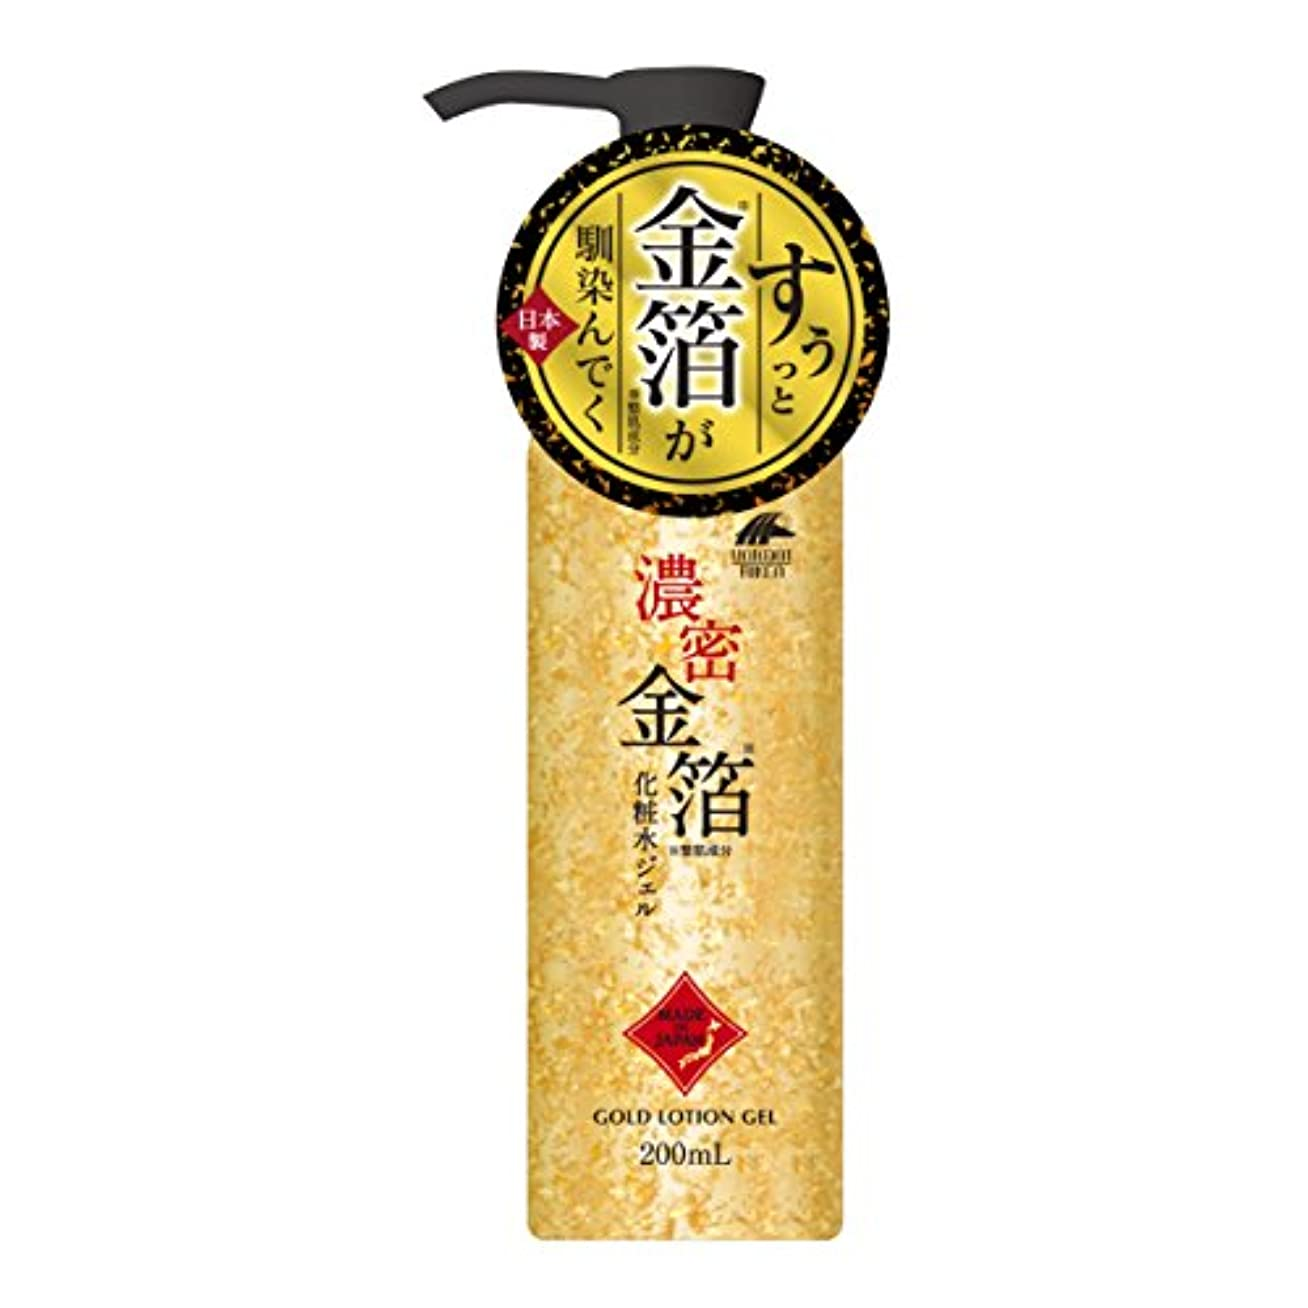 アイロニーハウス胸ユニマットリケン 濃密金箔化粧水ジェル 200ml